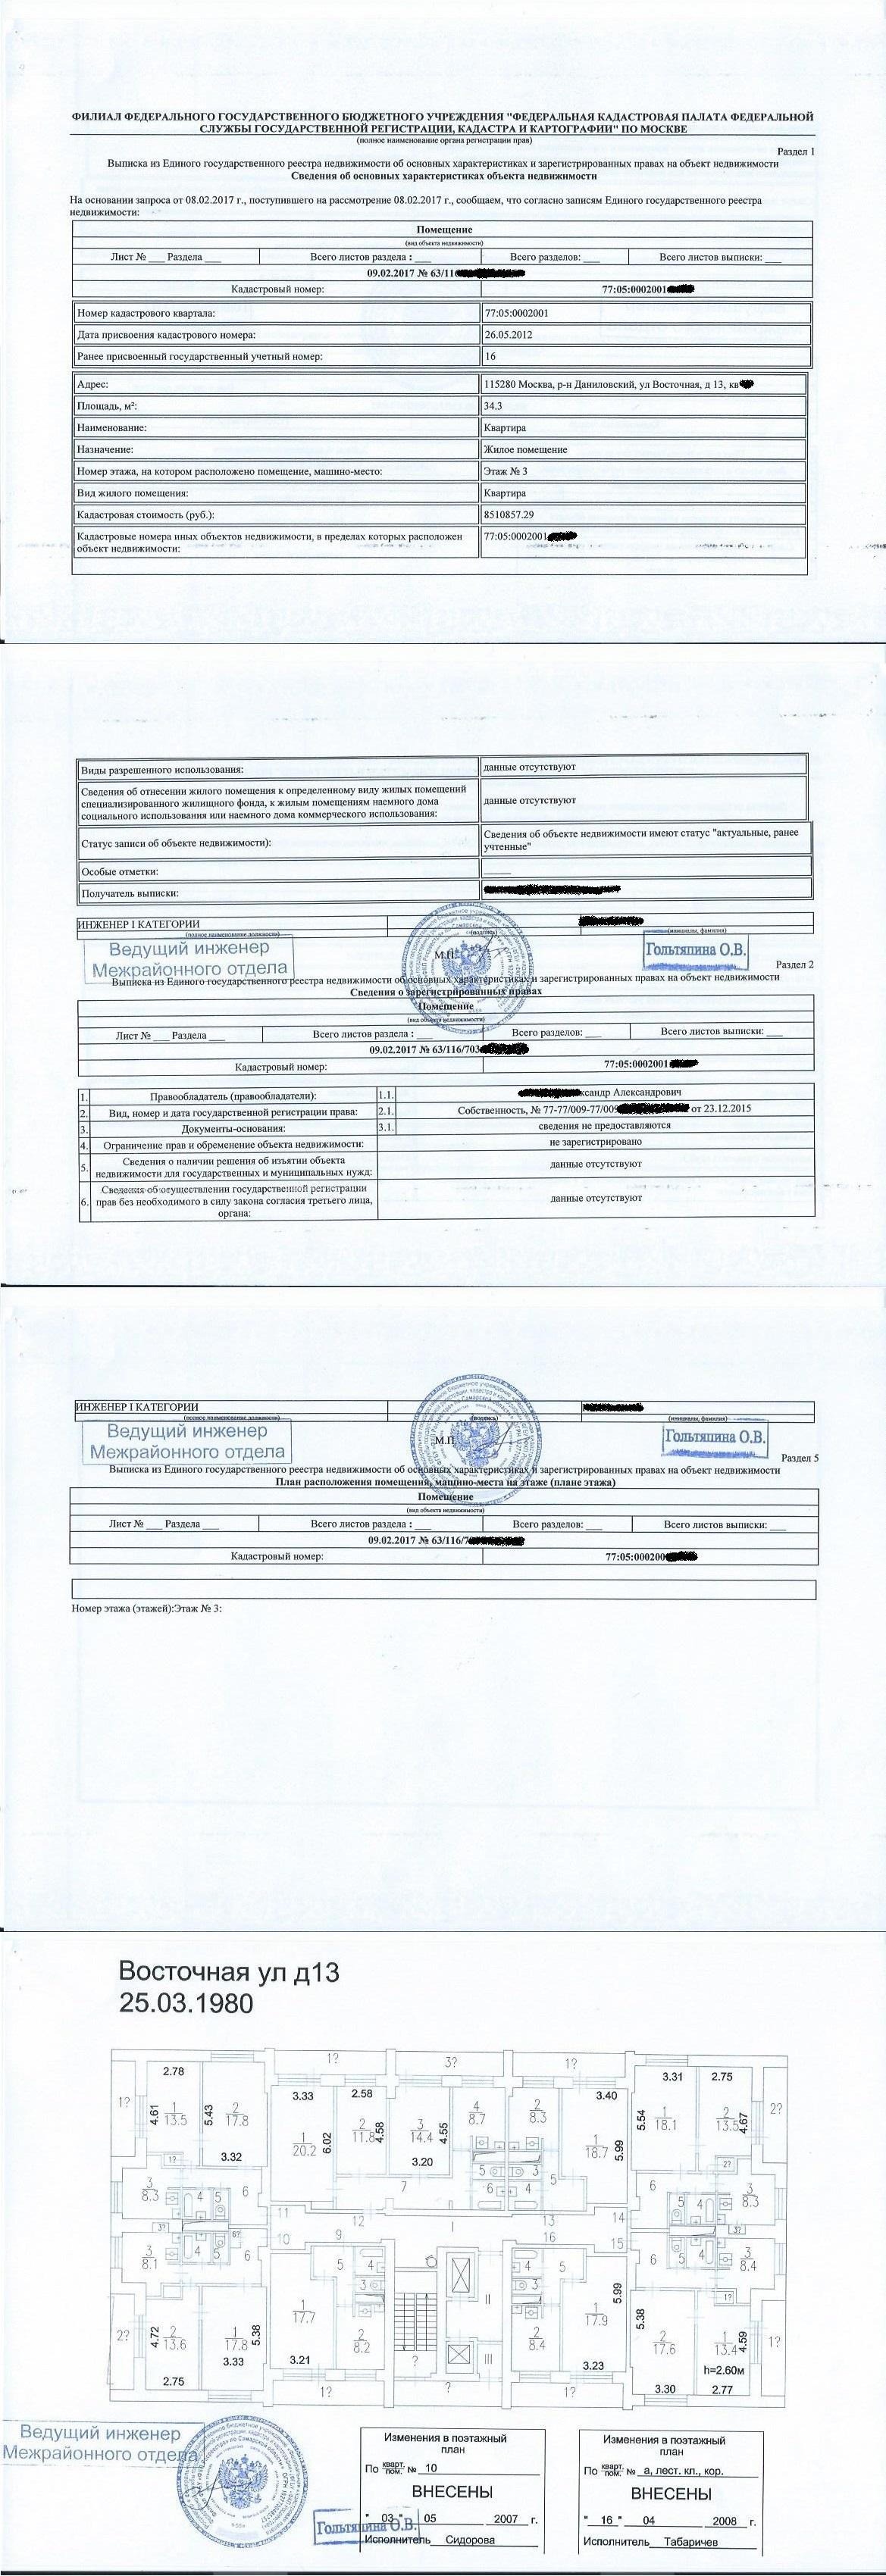 Как выглядит выписка из ЕГРЮЛ – фото и образец документа